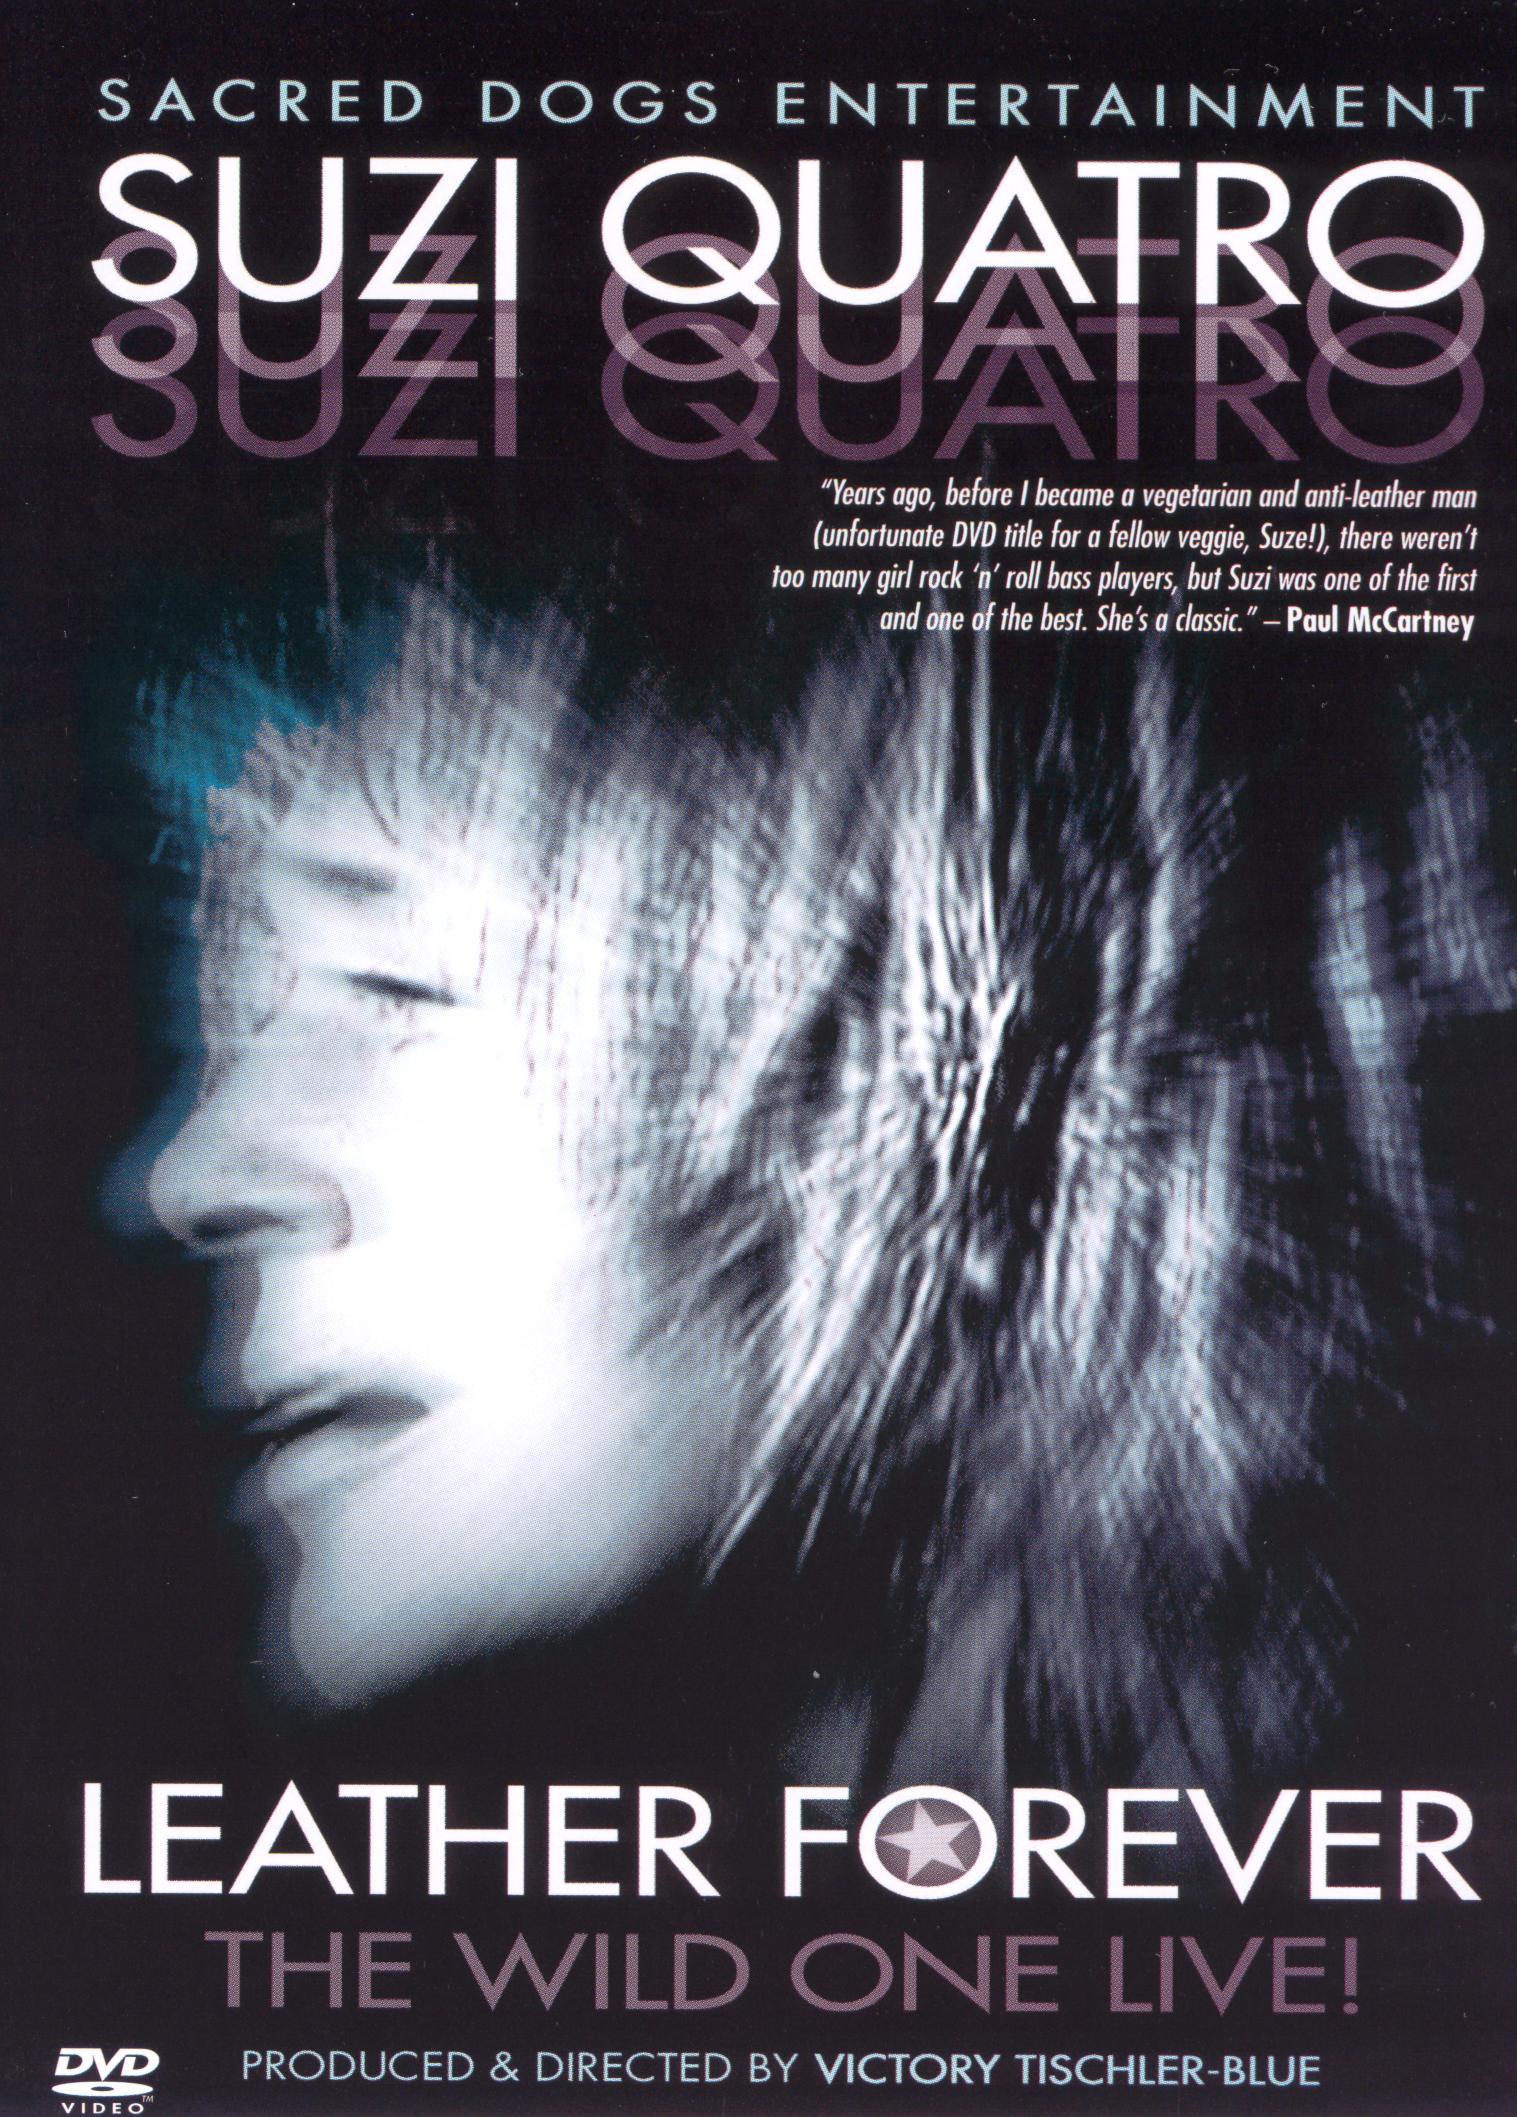 Suzi Quatro: Leather Forever